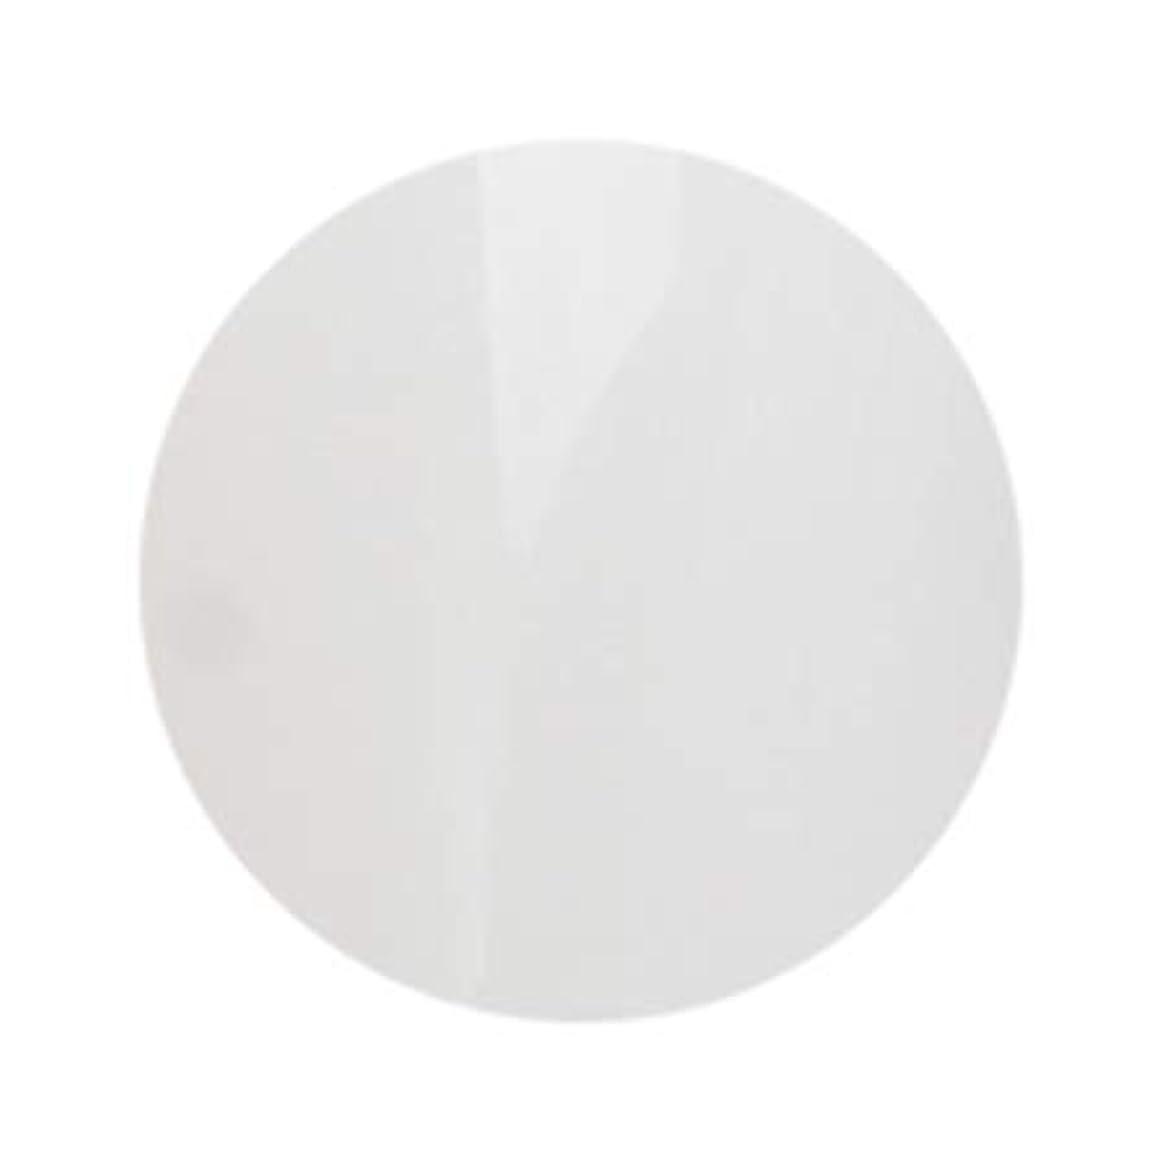 不可能な推測する期待するPutiel プティール カラージェル 268 ココナッツブラン 4g (西山麻耶プロデュース)